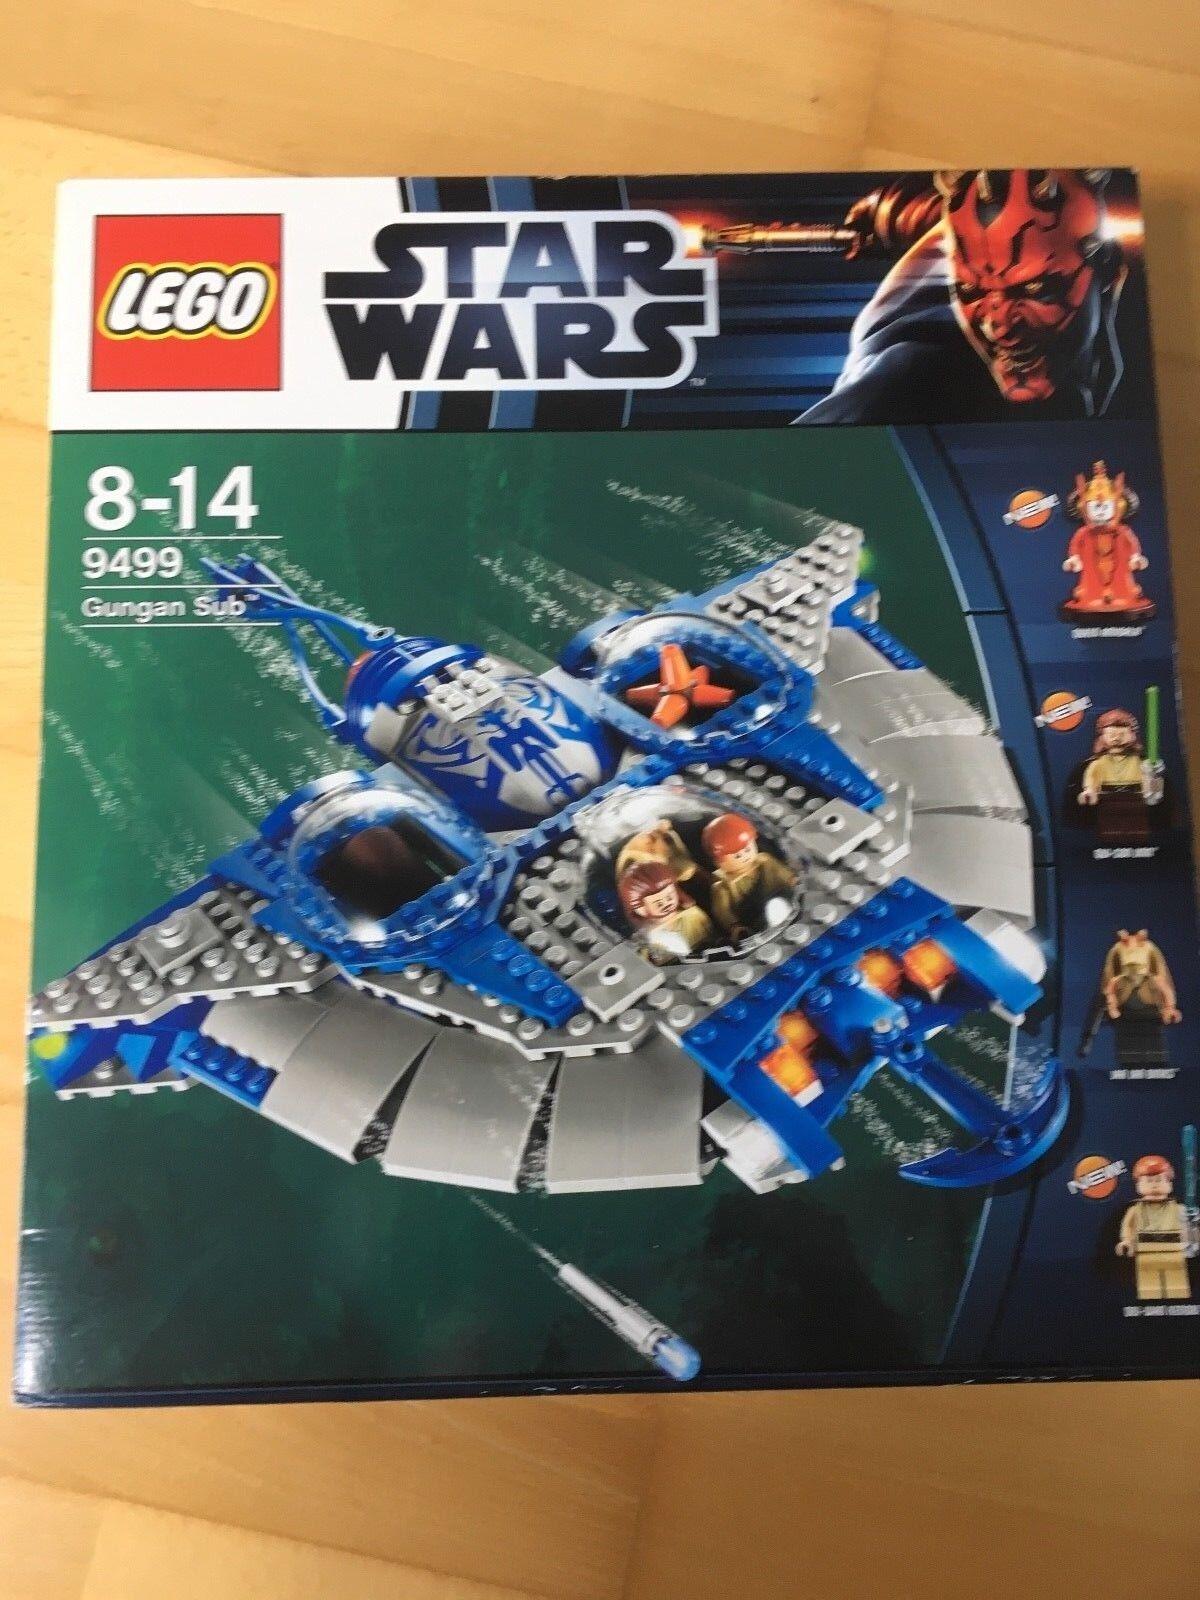 LEGO StarWars Gungan Sub (9499) - ohne Figuren - neuwertig